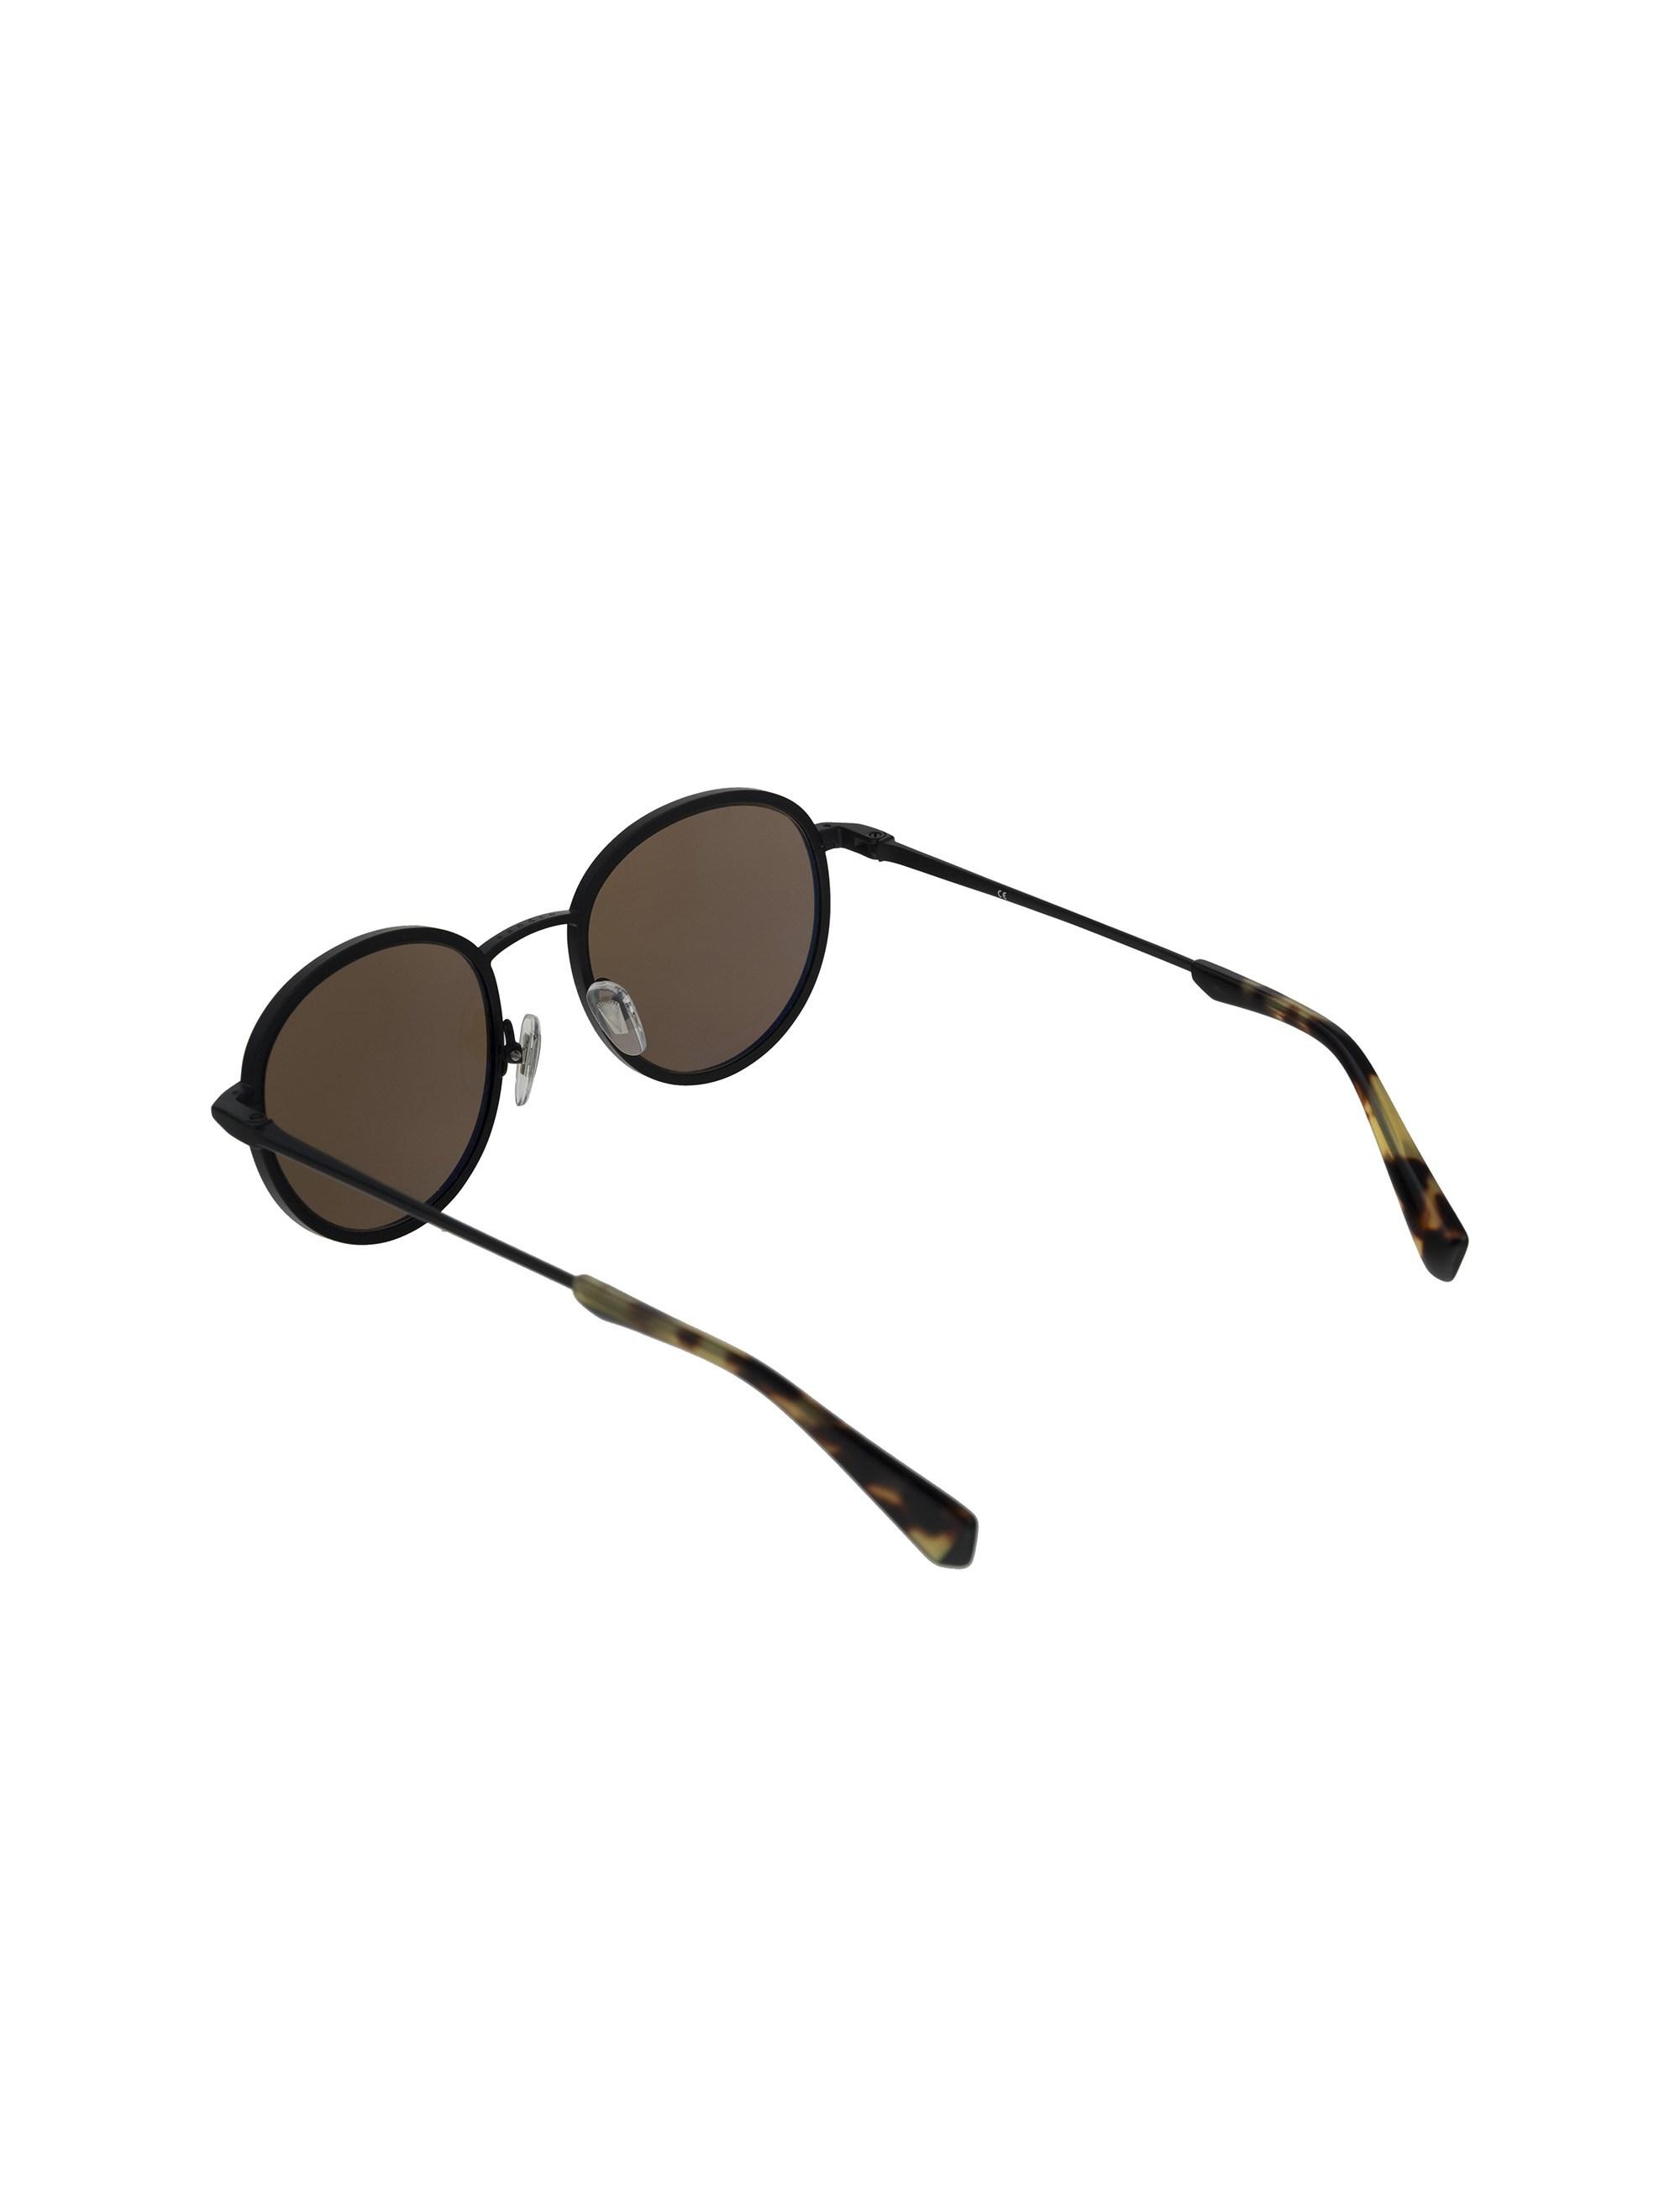 عینک آفتابی گرد بزرگسال - مشکي        - 4